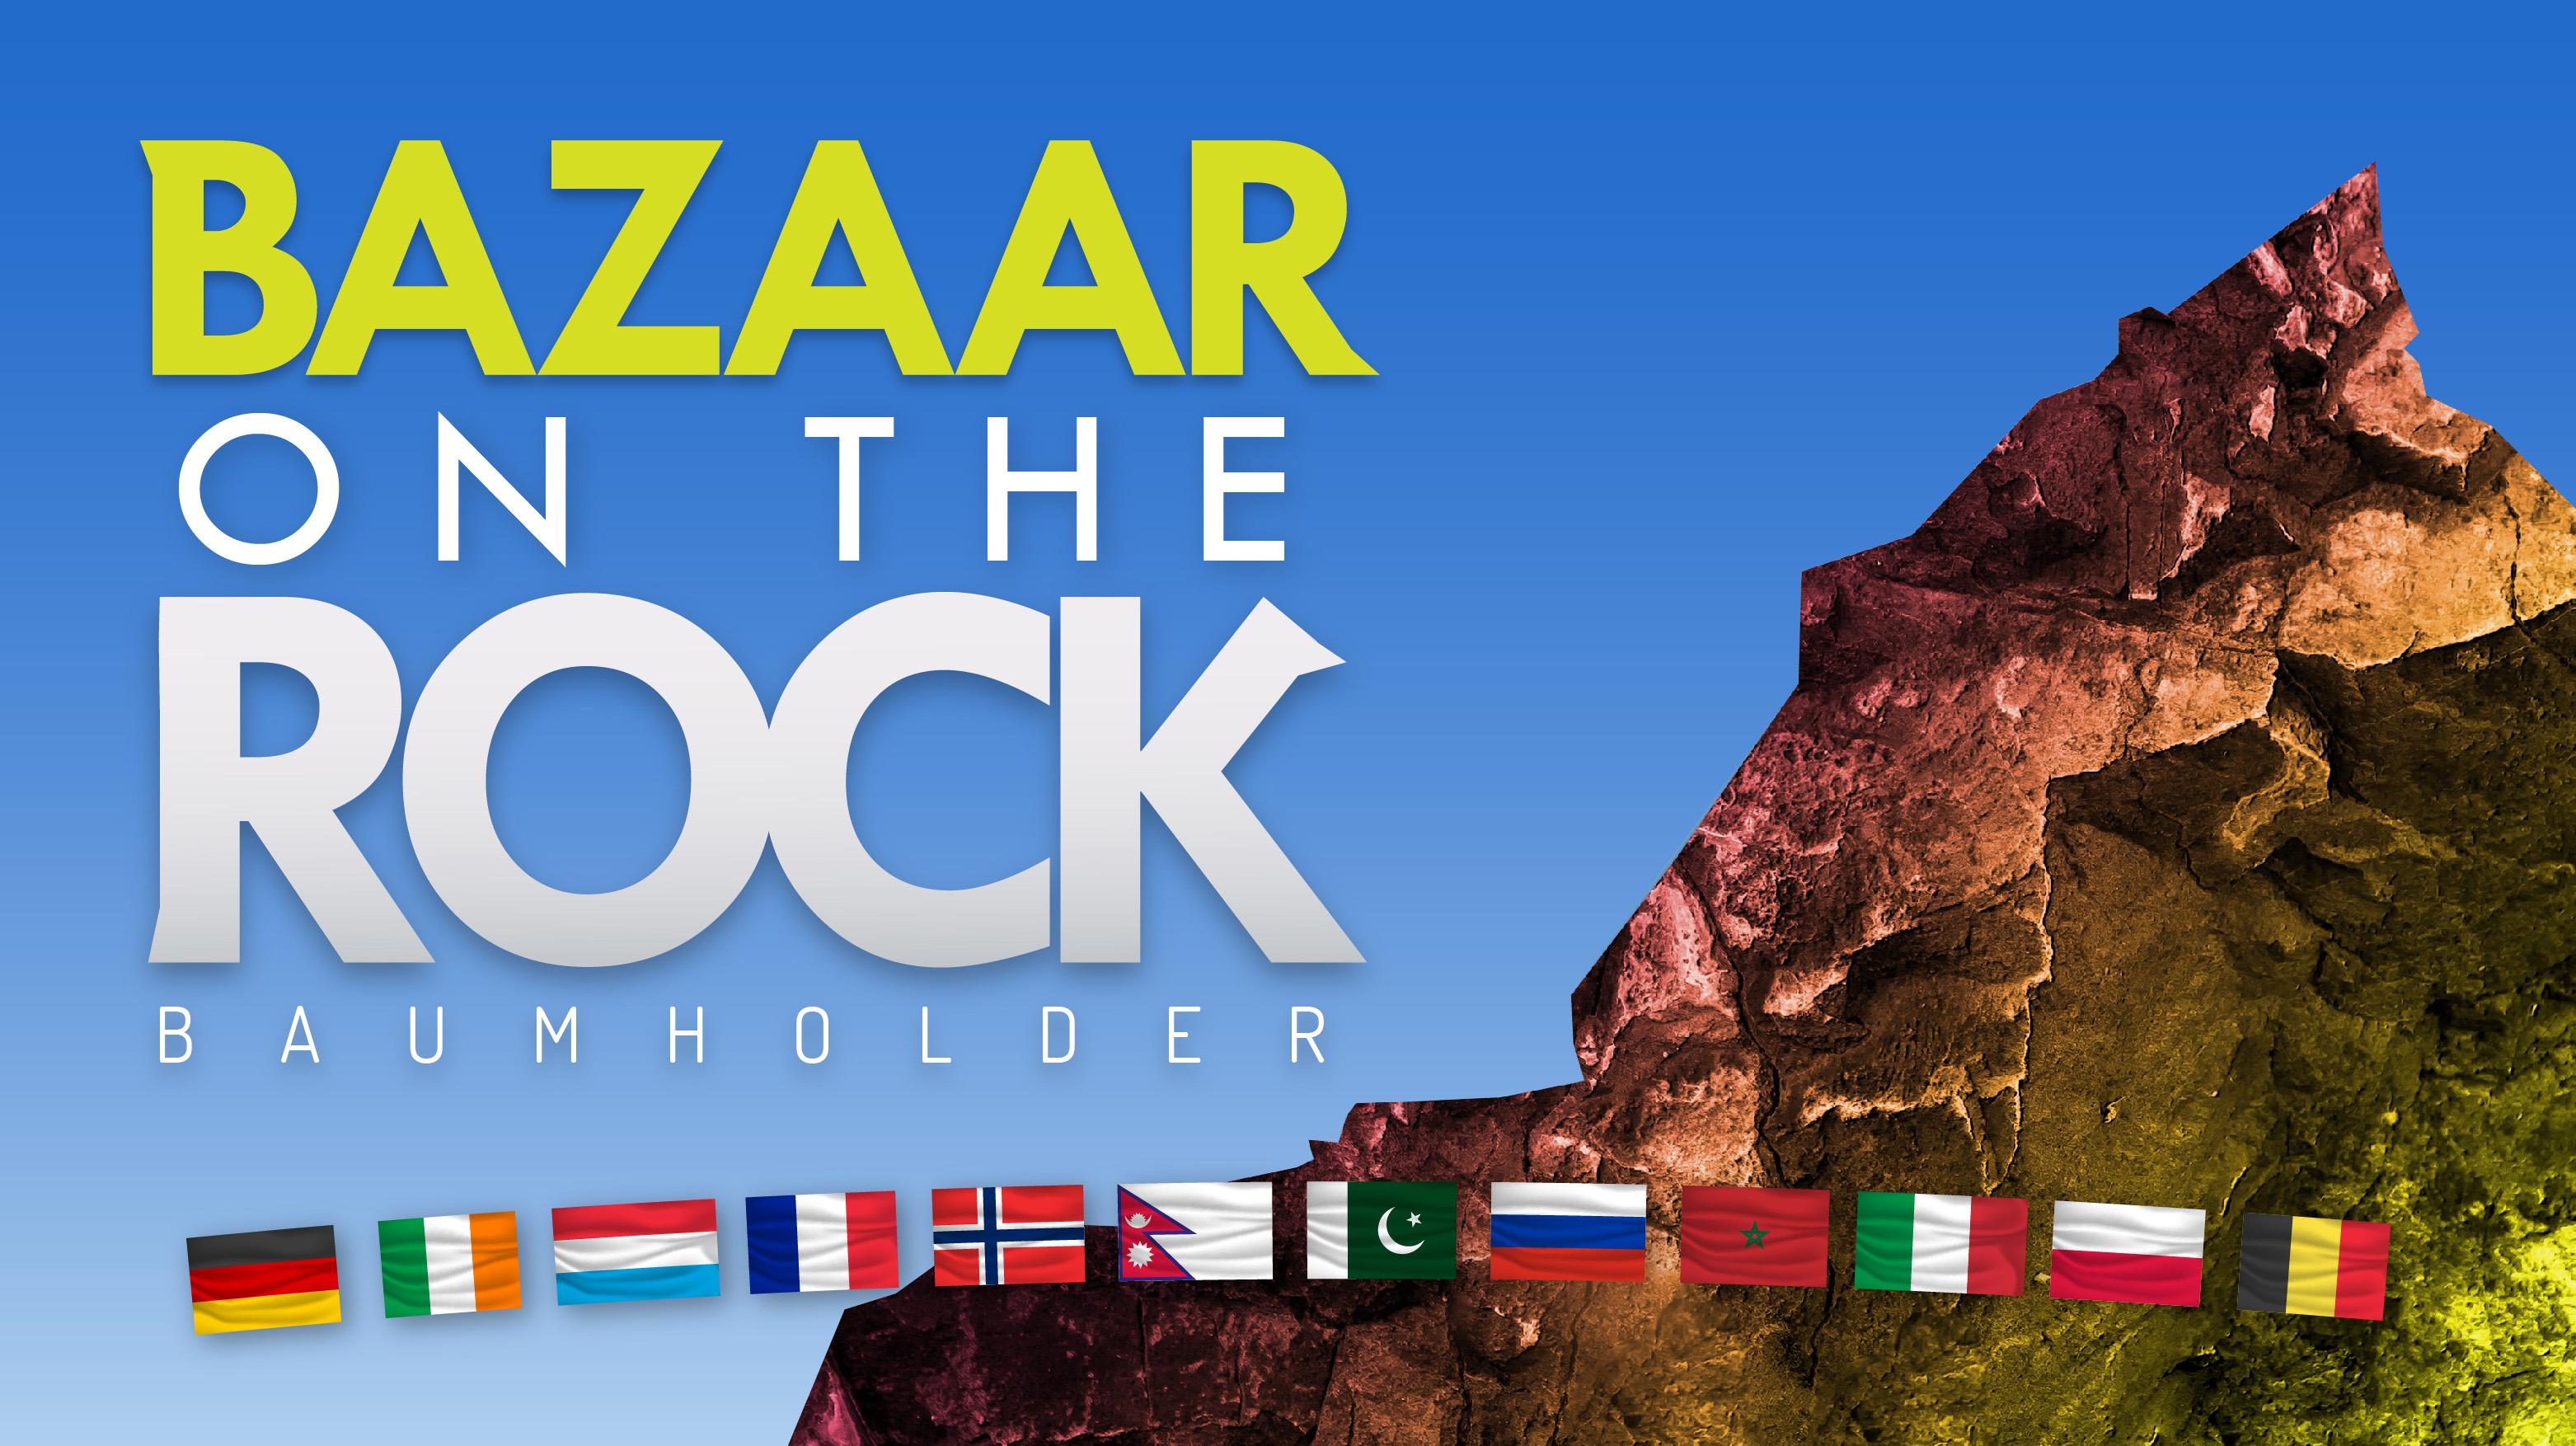 Bazaar on the Rock